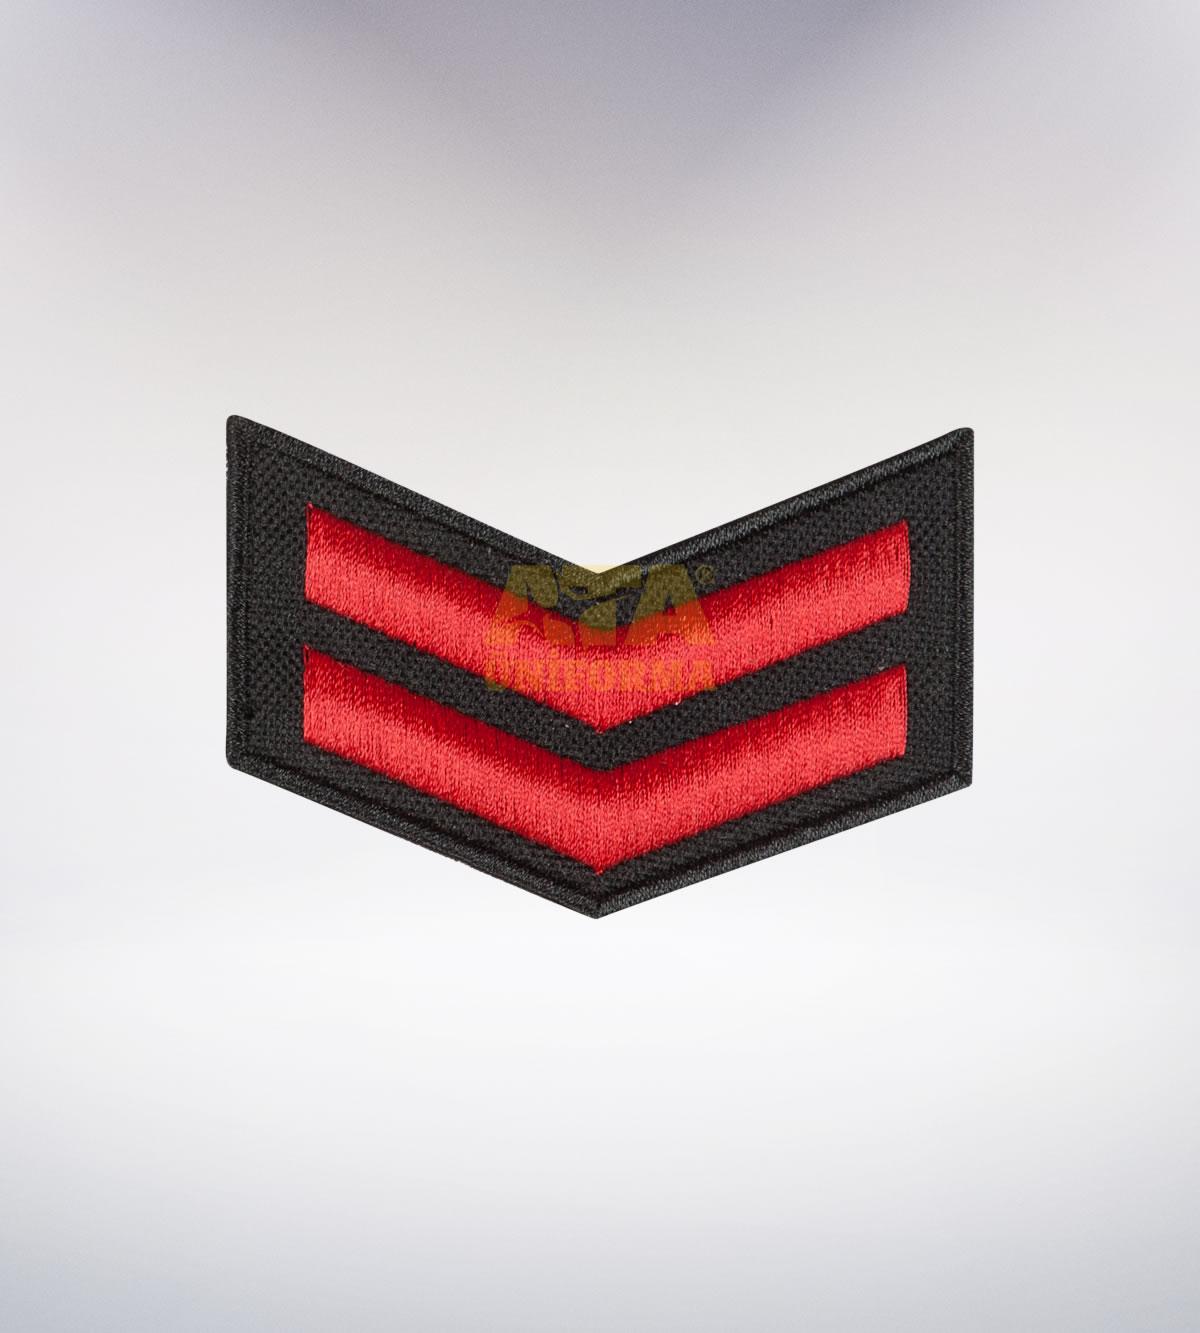 ATA-1033 İtfaiye nakışlı arma - itfaiye elbiseleri | itfaiye üniformaları | itfaiye kıyafetleri